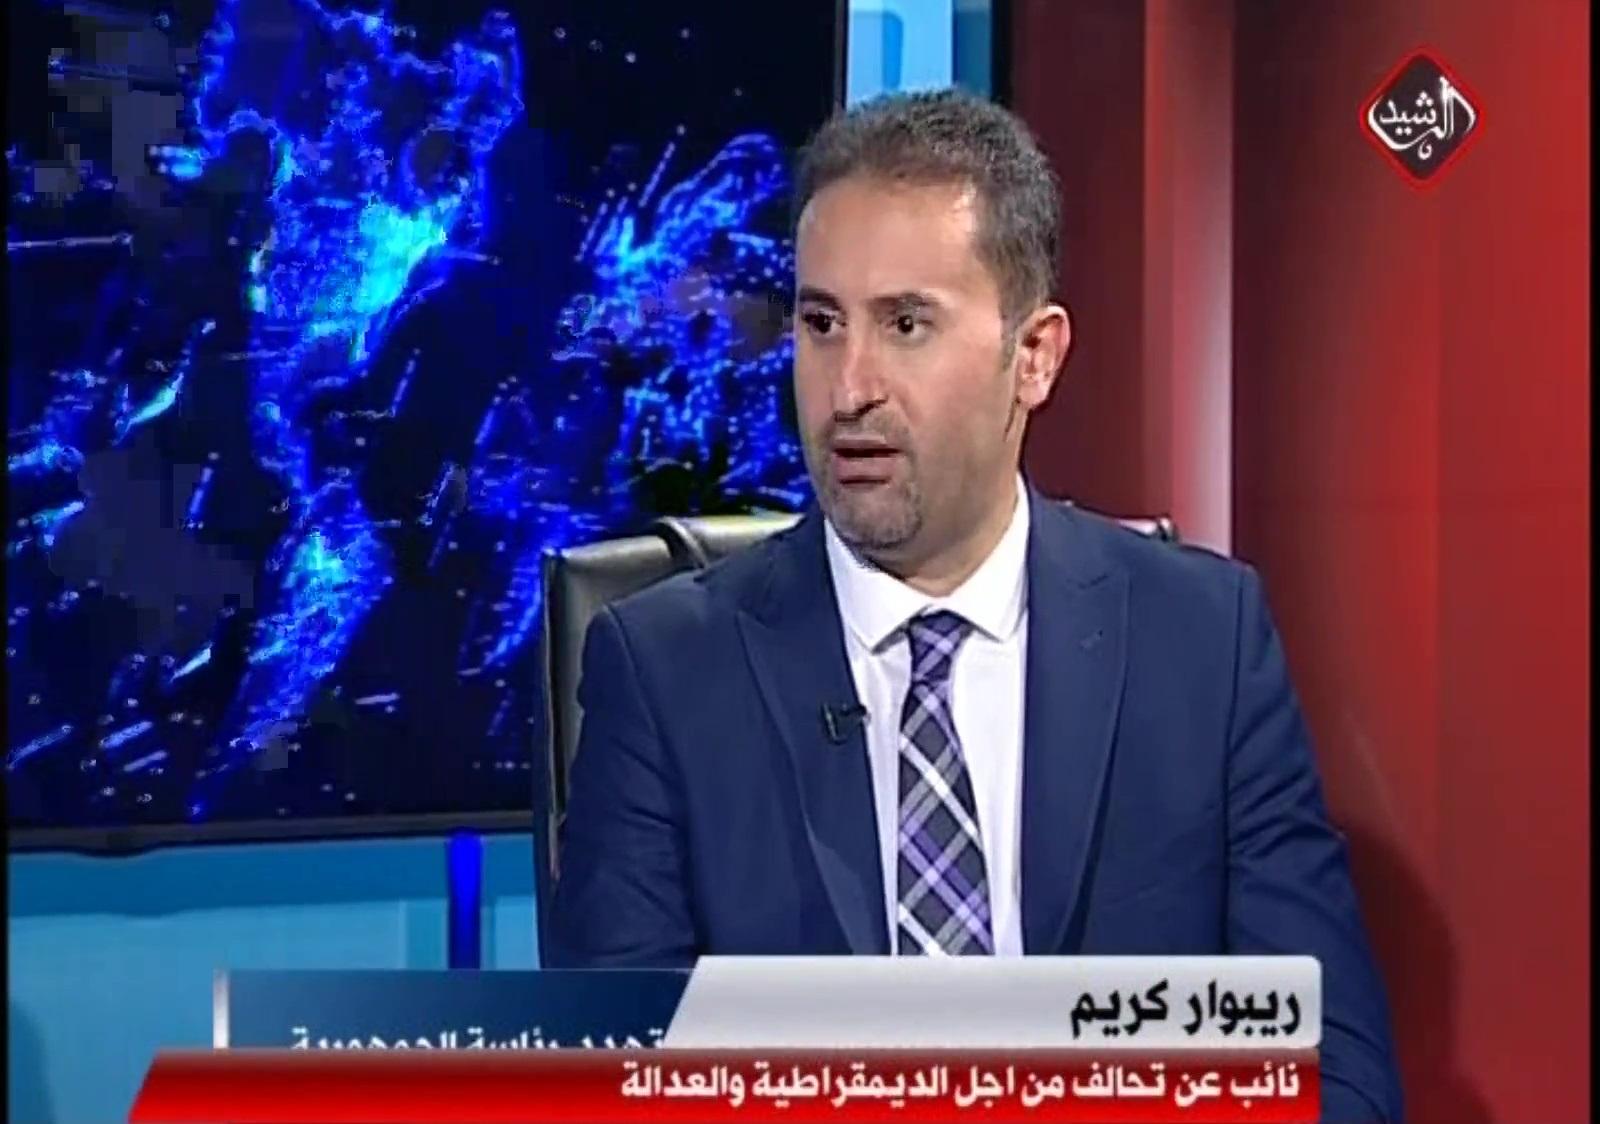 ريبوار كريم / نائب عن تحالف من اجل الديمقراطية والعدالة